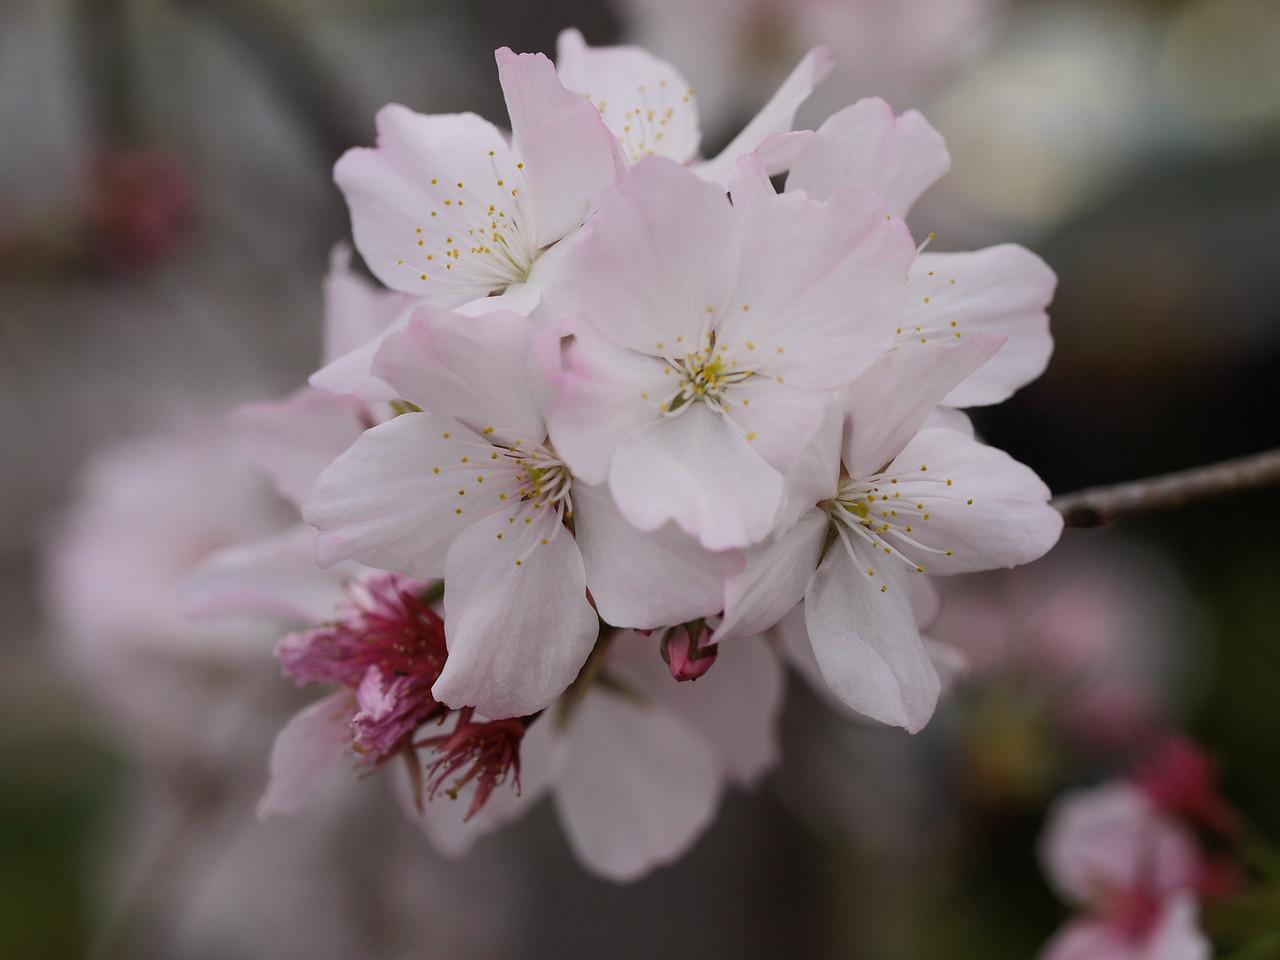 20130924_1114_0372 blossom